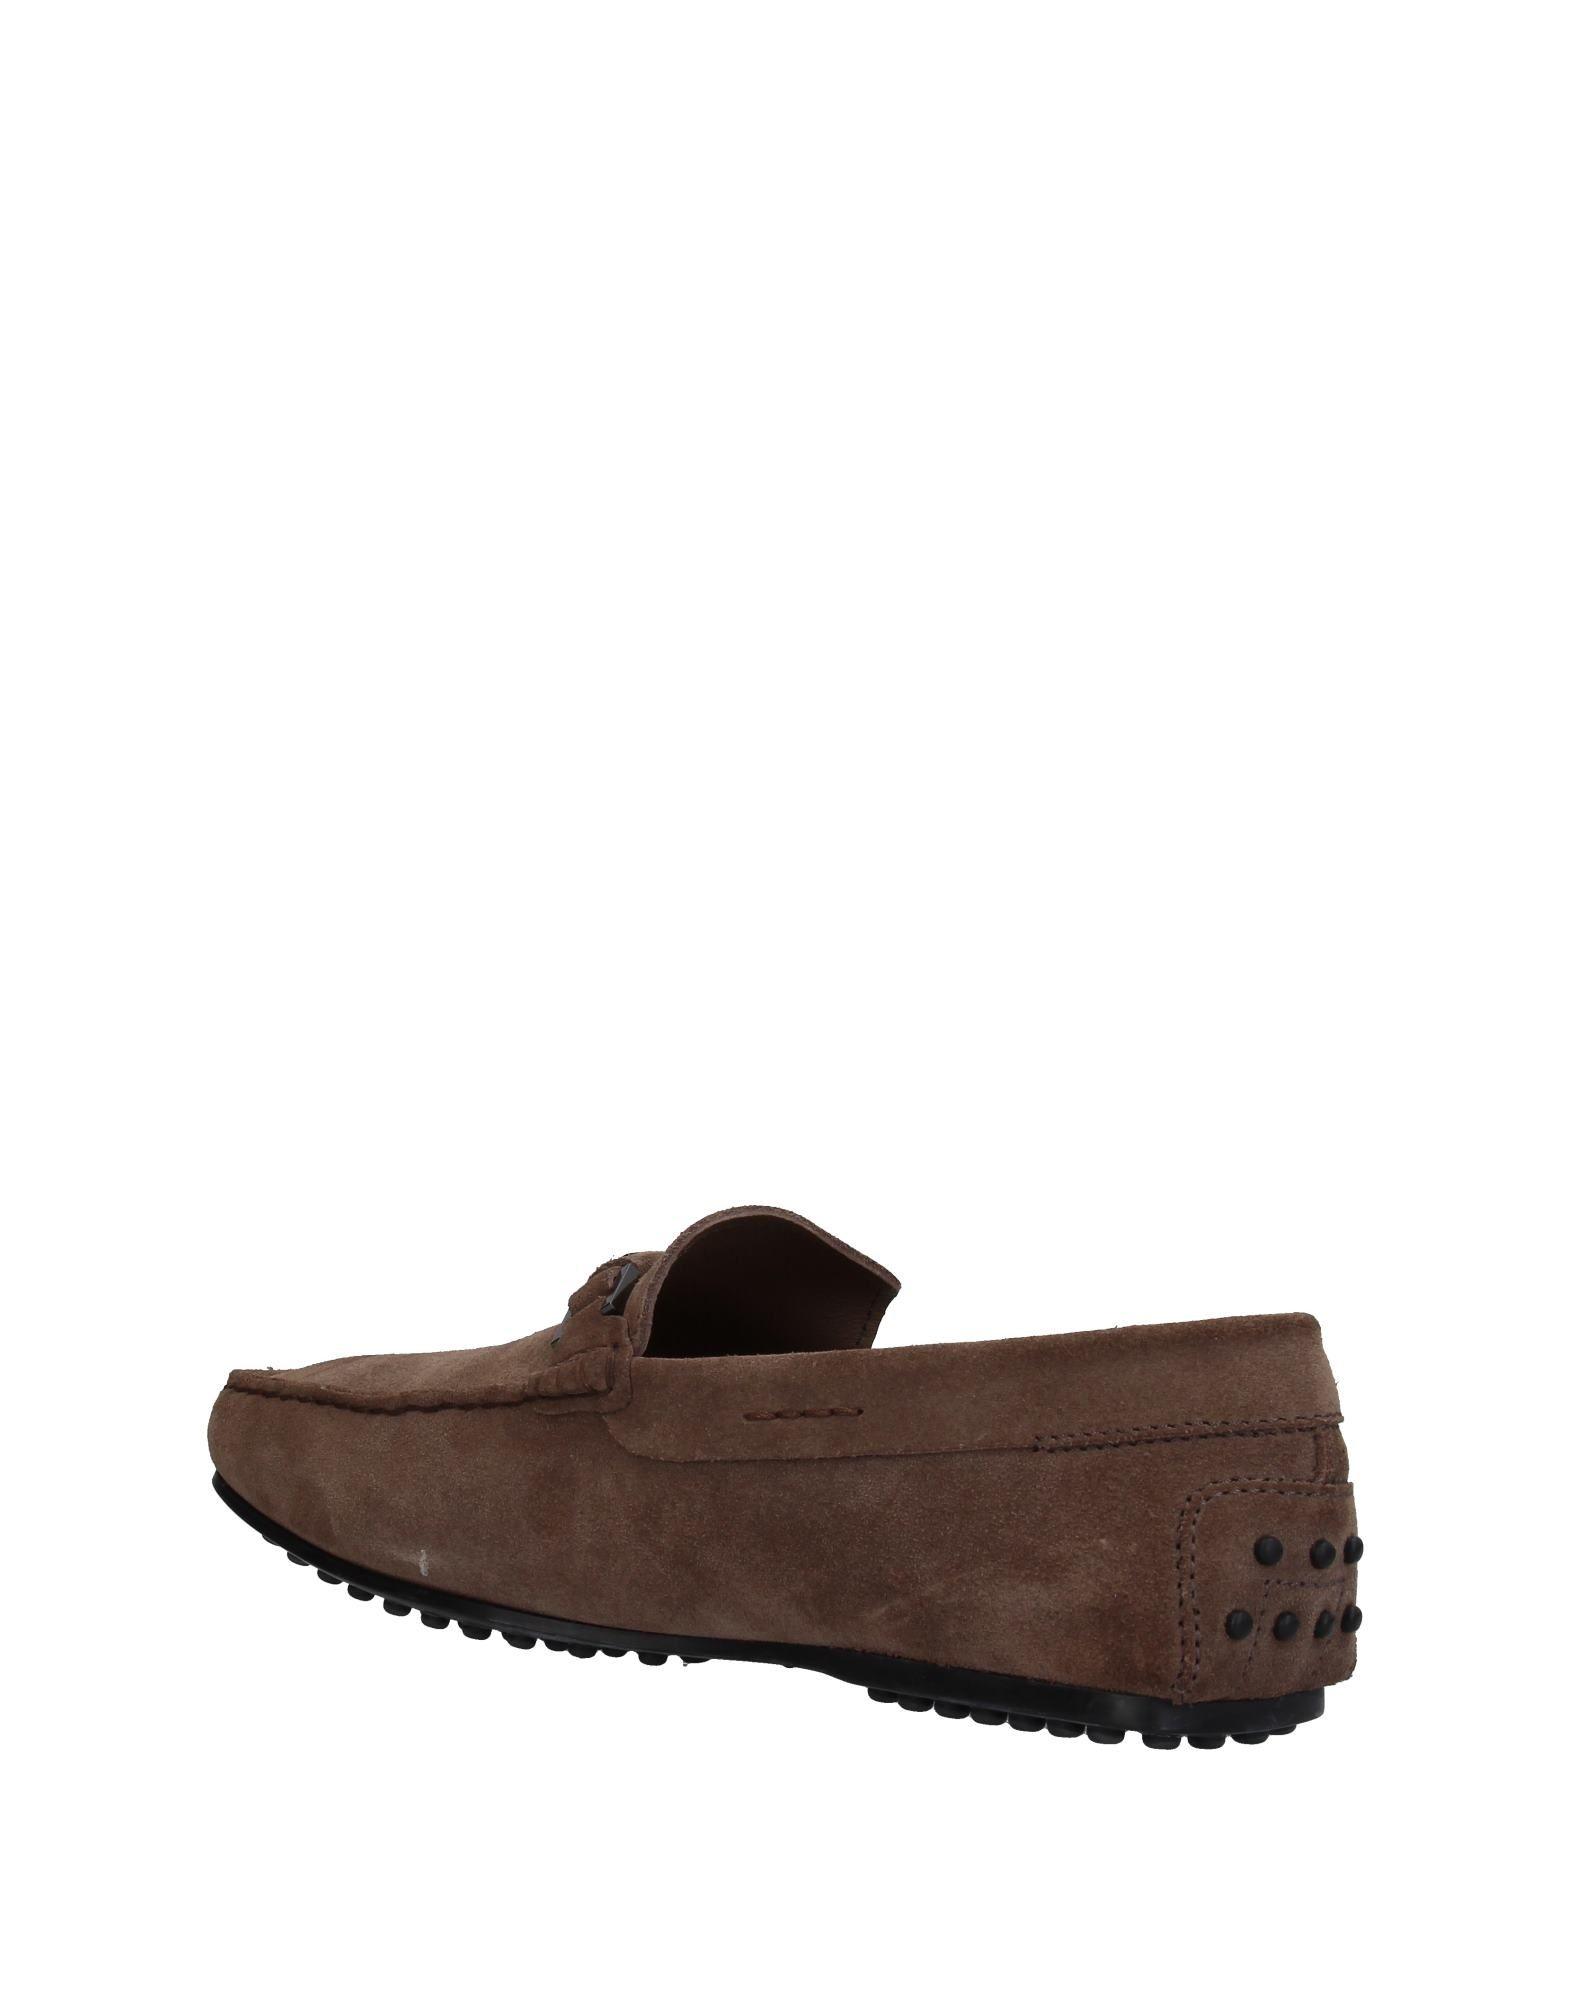 Tod's Mokassins Qualität Herren  11398785GG Gute Qualität Mokassins beliebte Schuhe e5c153